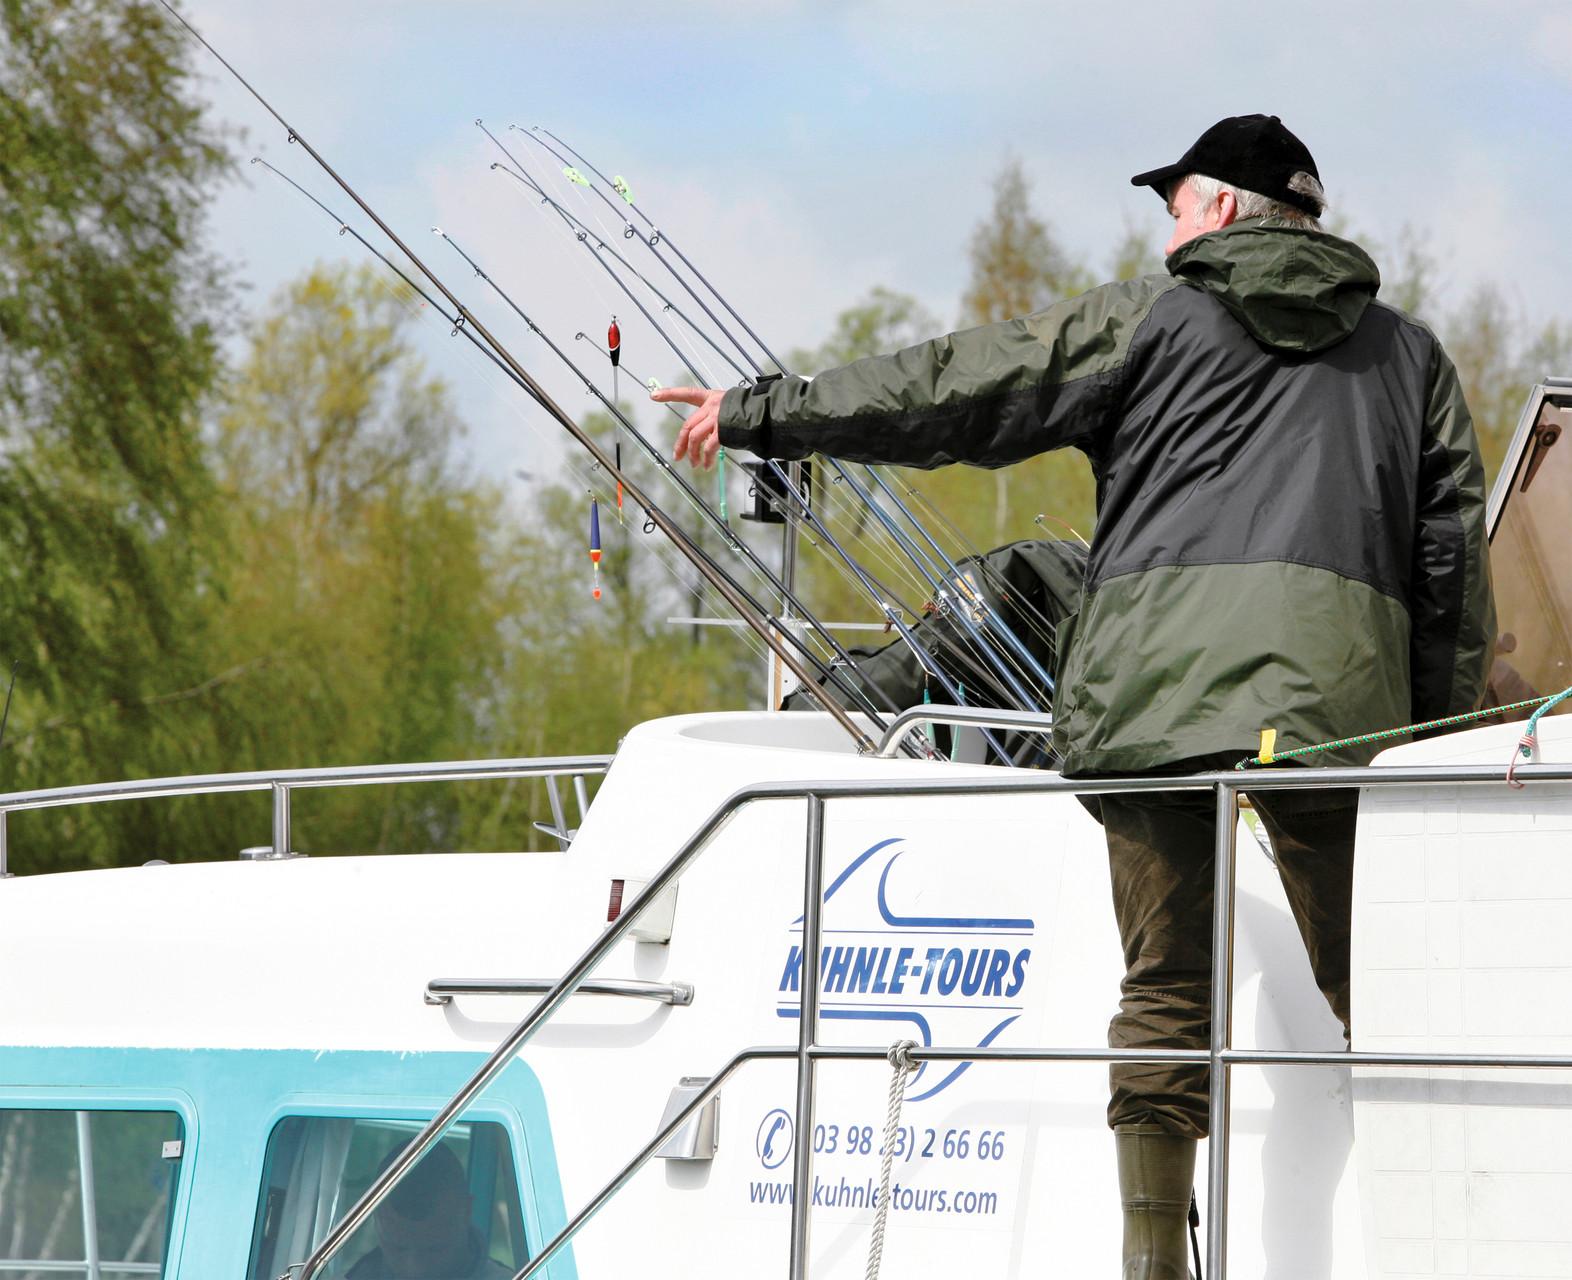 Angler sind im März die ersten und im November die letzten Kunden bei der Miete von Hausboot. Foto: Kuhnle Tours/Harald Mertesen.